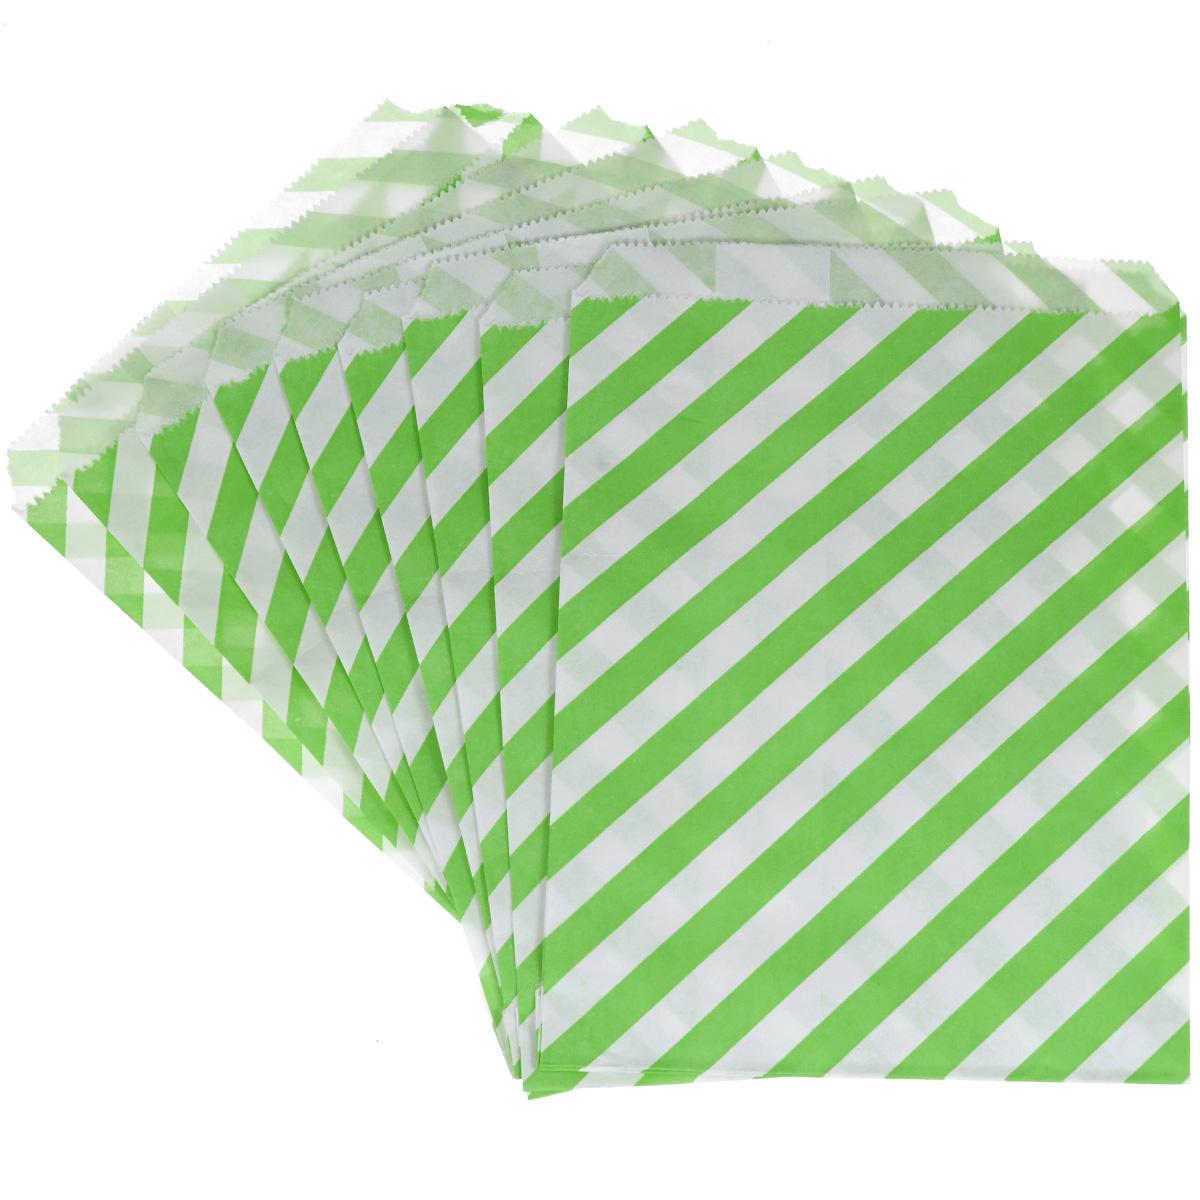 Пакеты бумажные Dolce Arti Rayet, для выпекания, цвет: зеленый, 10 штDA040201Бумажные пакеты Dolce Arti Rayet очень многофункциональны. Их можно использовать насколько хватит вашей фантазии: для выпекания, для упаковки маленьких подарков, сладостей и многого другого. Размер: 13 см х 18 см.